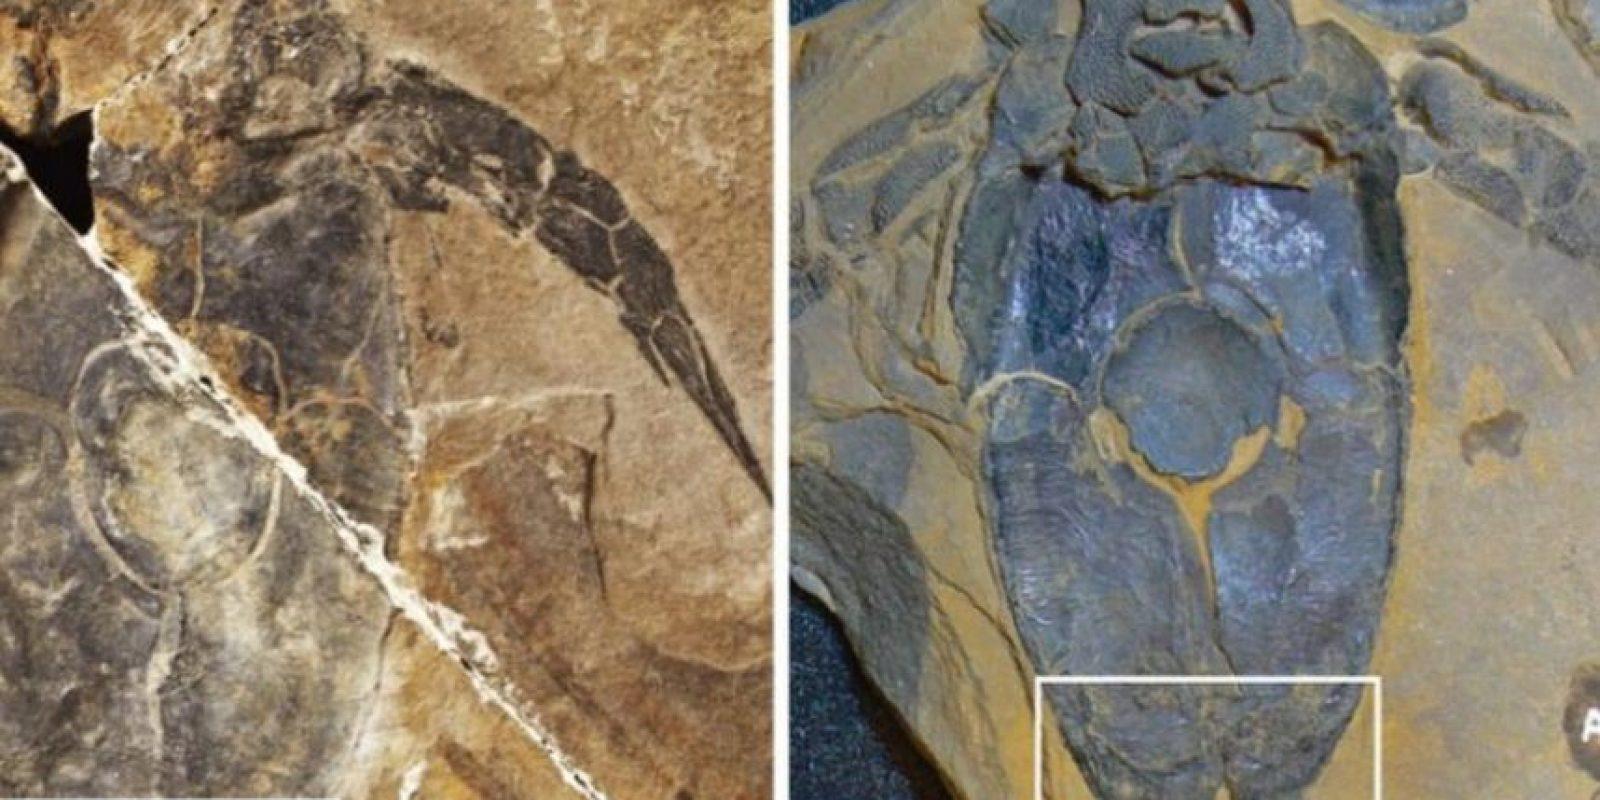 Este fósil simboliza la forma más primitiva que se conoce de un órgano sexual y demuestra el primer uso de una fertilización interna y una copulación como una estrategia reproductiva conocida en los registros paleontológicos. Foto:Nature.com